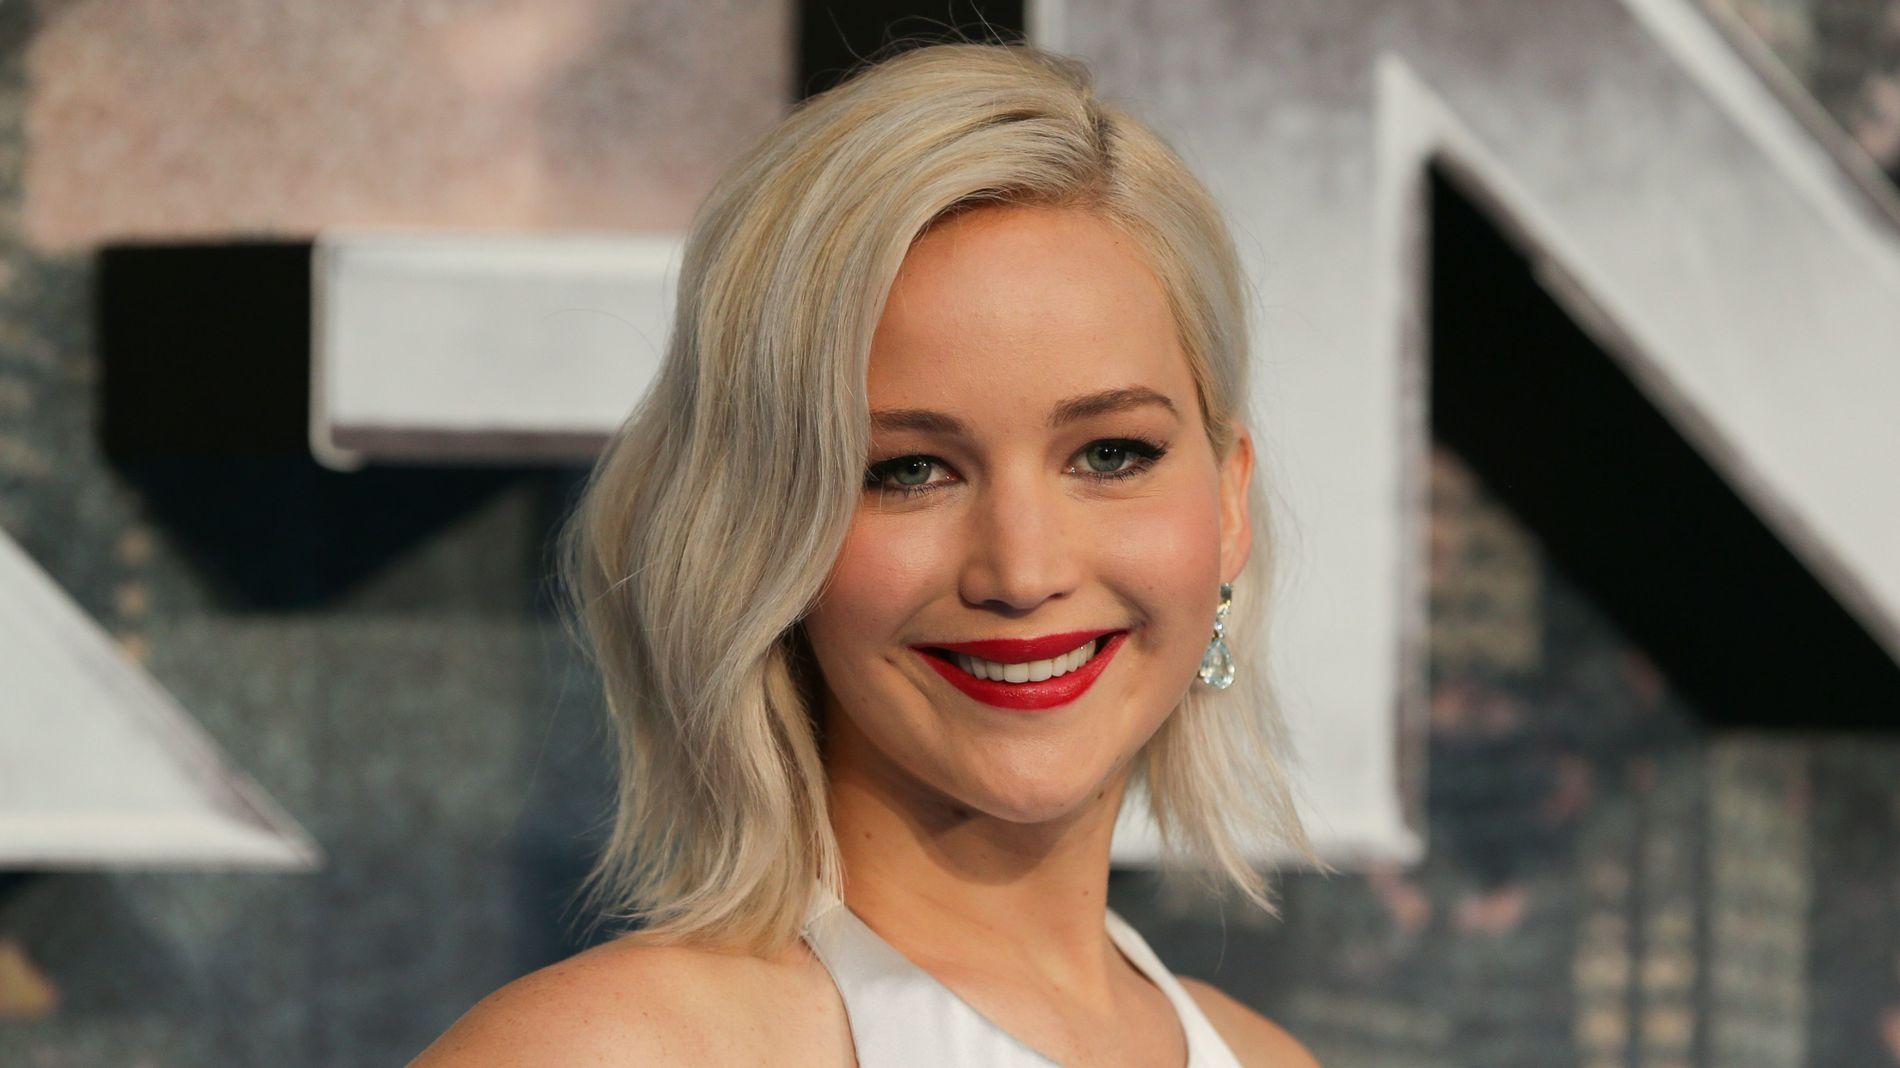 SKAL SPILLE HOLMES: Filmstjernen Jennifer Lawrence skal spille Elizabeth Holmes i en film med arbeidstittelen «Bad Blood».